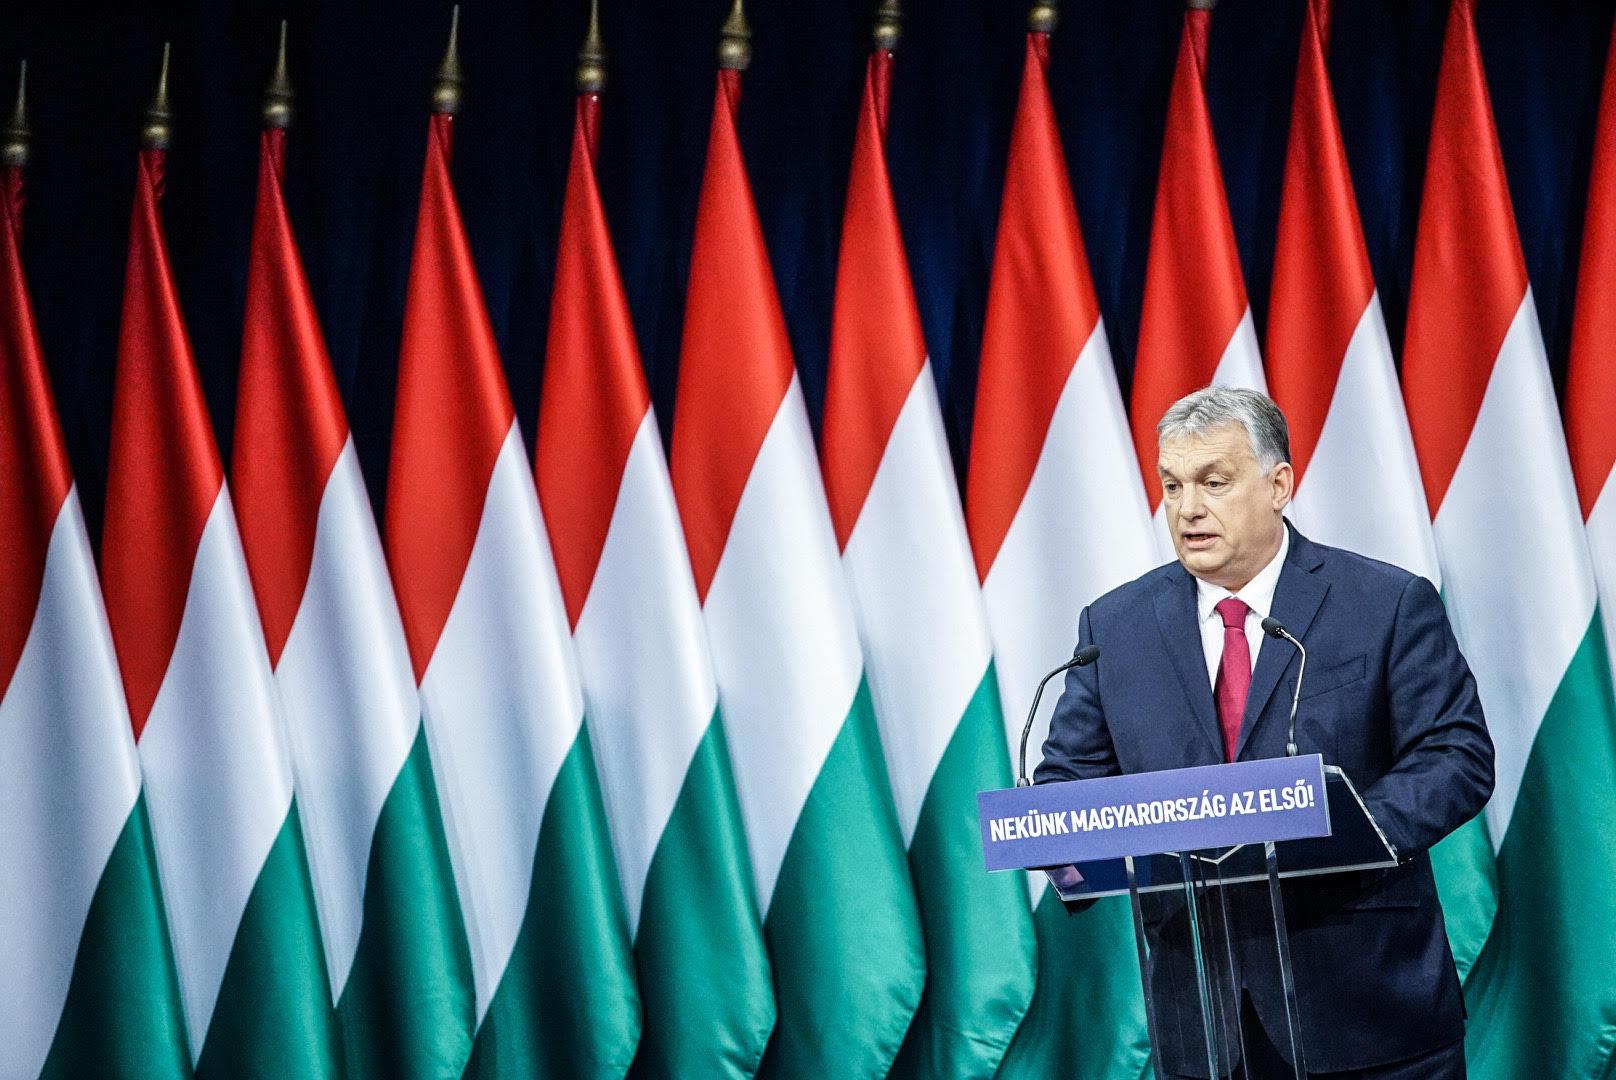 Orbán százéves és tízéves távlatban is kihirdette történelmi győzelmét